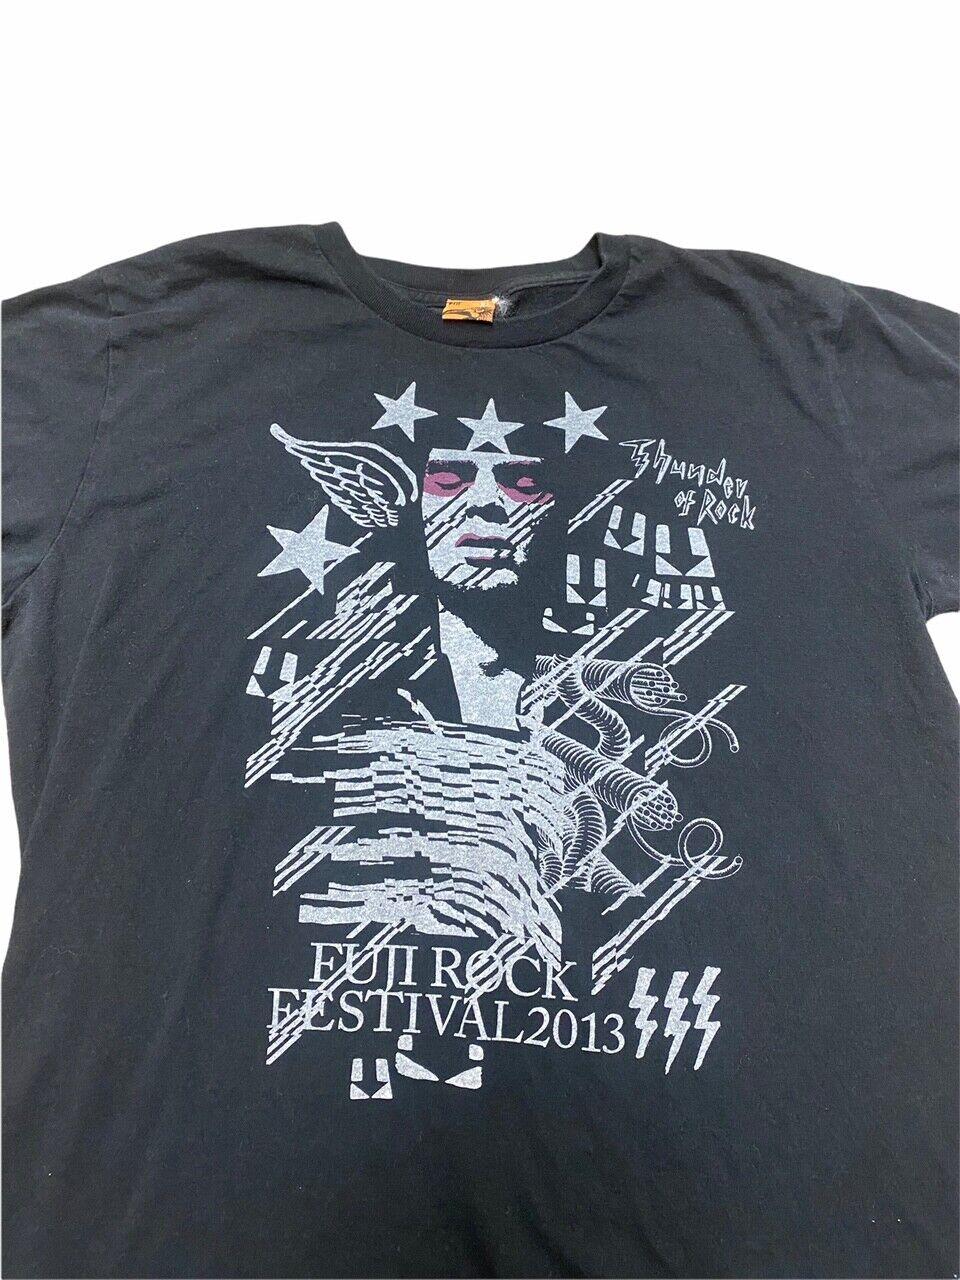 Fuji Rock Festival 2013 Black Extra Large XL T-Sh… - image 2